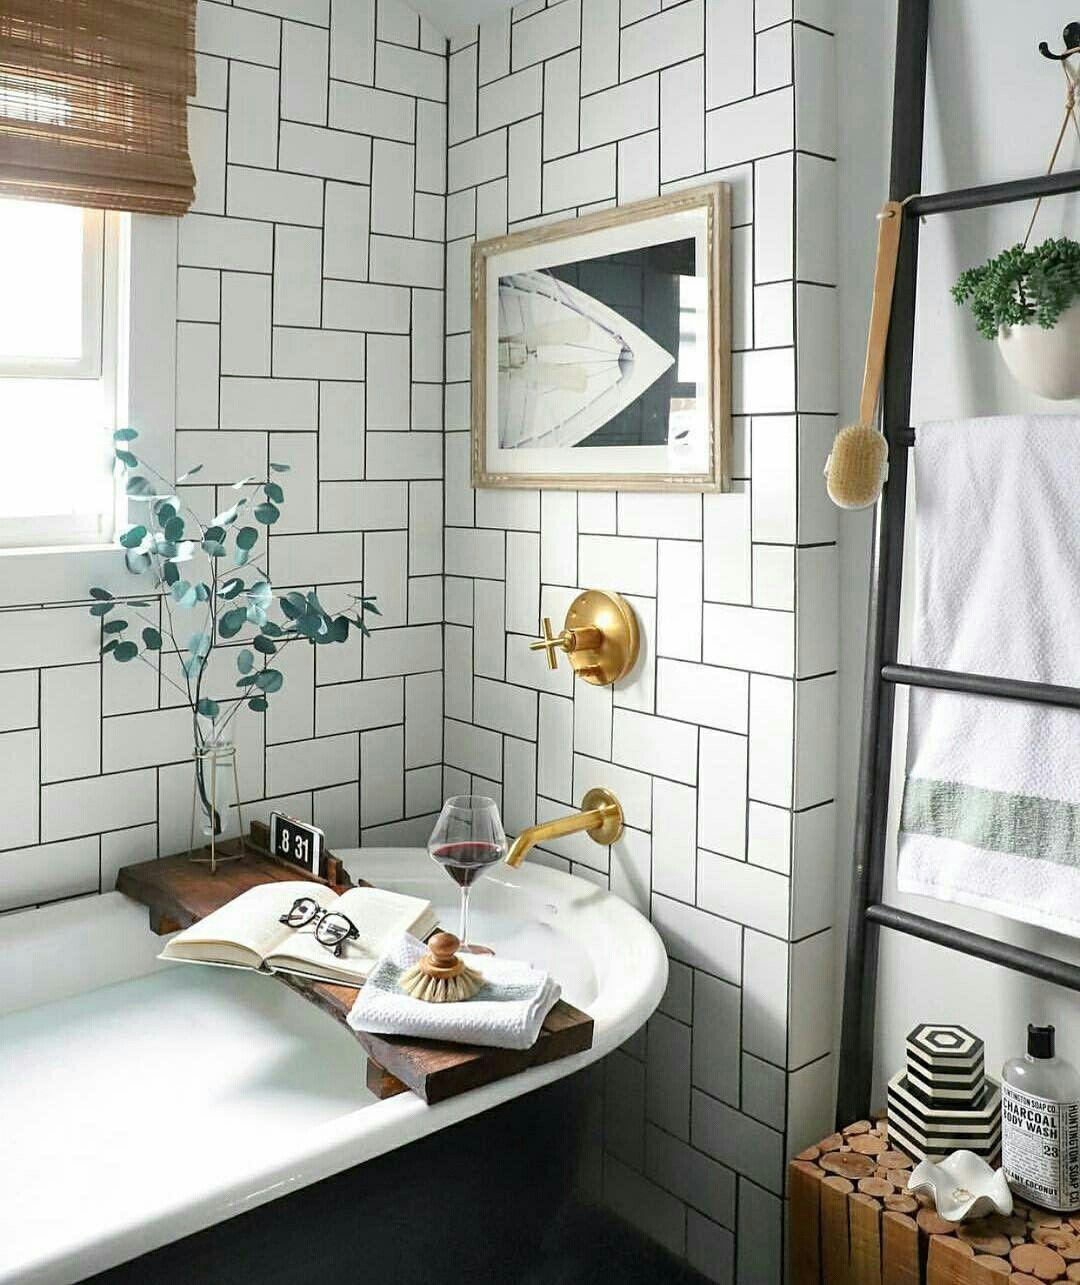 Banheiro Com Banheira E Azulejo De Metro Colocado De Forma Decorativa Glitterguide Banheiro Banheira Bathroom Interior Amazing Bathrooms Bathrooms Remodel